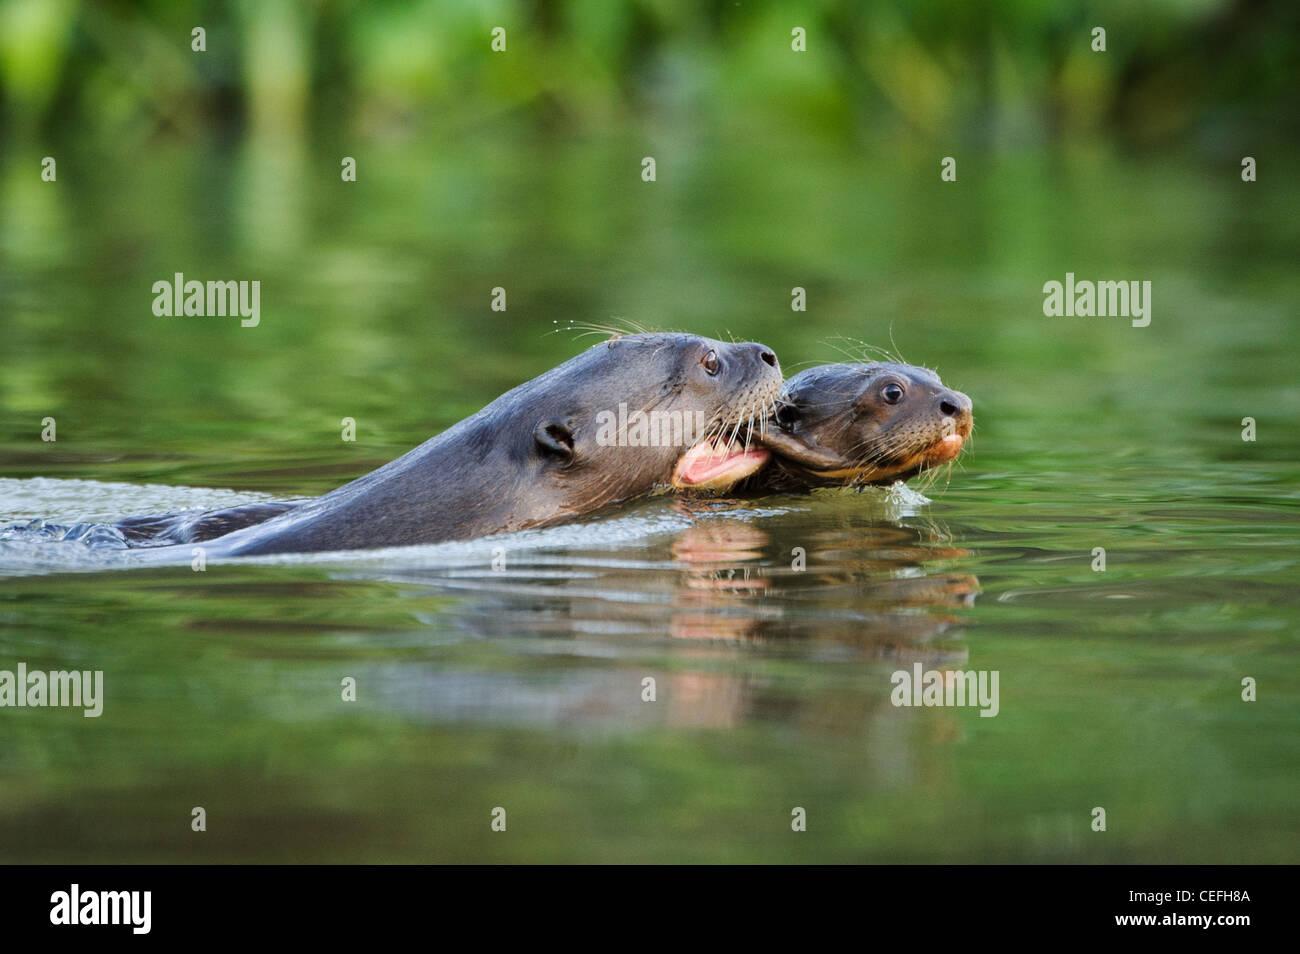 Une loutre de rivière géant portant un bébé pendant que la natation Banque D'Images